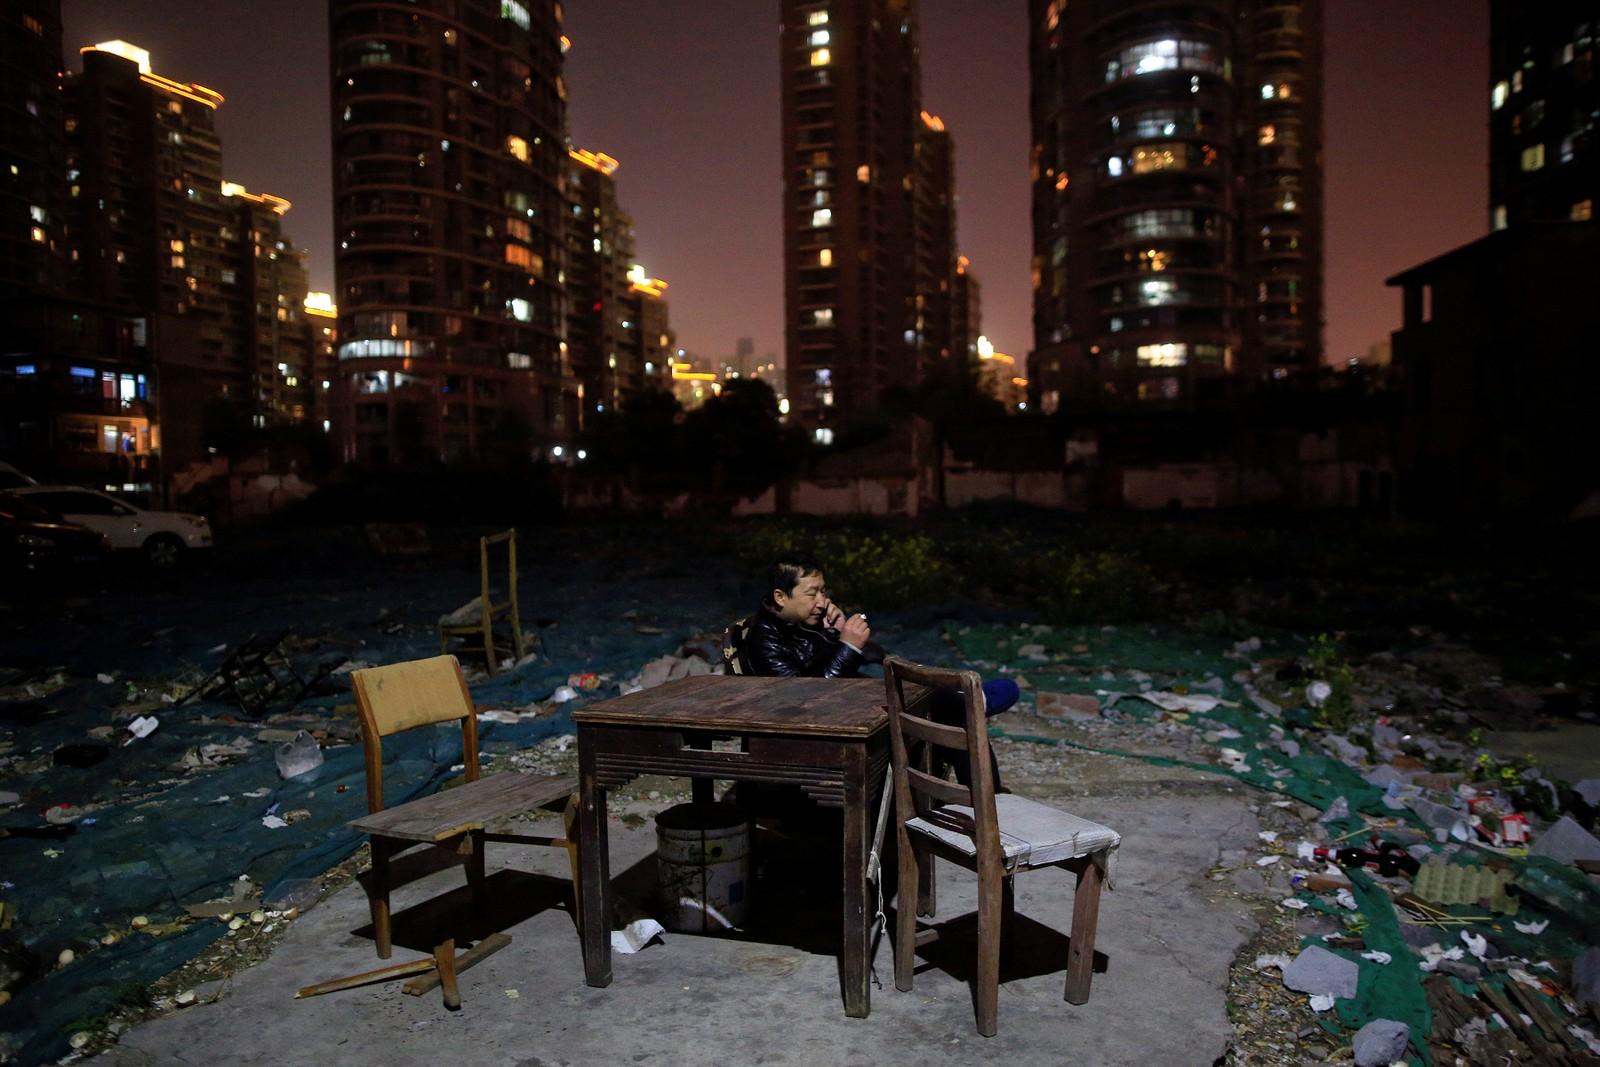 Li Guoqiang snakker i telefonen i utenfor huset sitt i Guangfuli-nabolaget i Shanghai. Området er boligmegleres våte drøm, og skal være verdt enorme summer i et av verdens heteste boligmarked. Fastboende nekter imidlertid å flytte, melder nyhetsbvyrået Reuters.